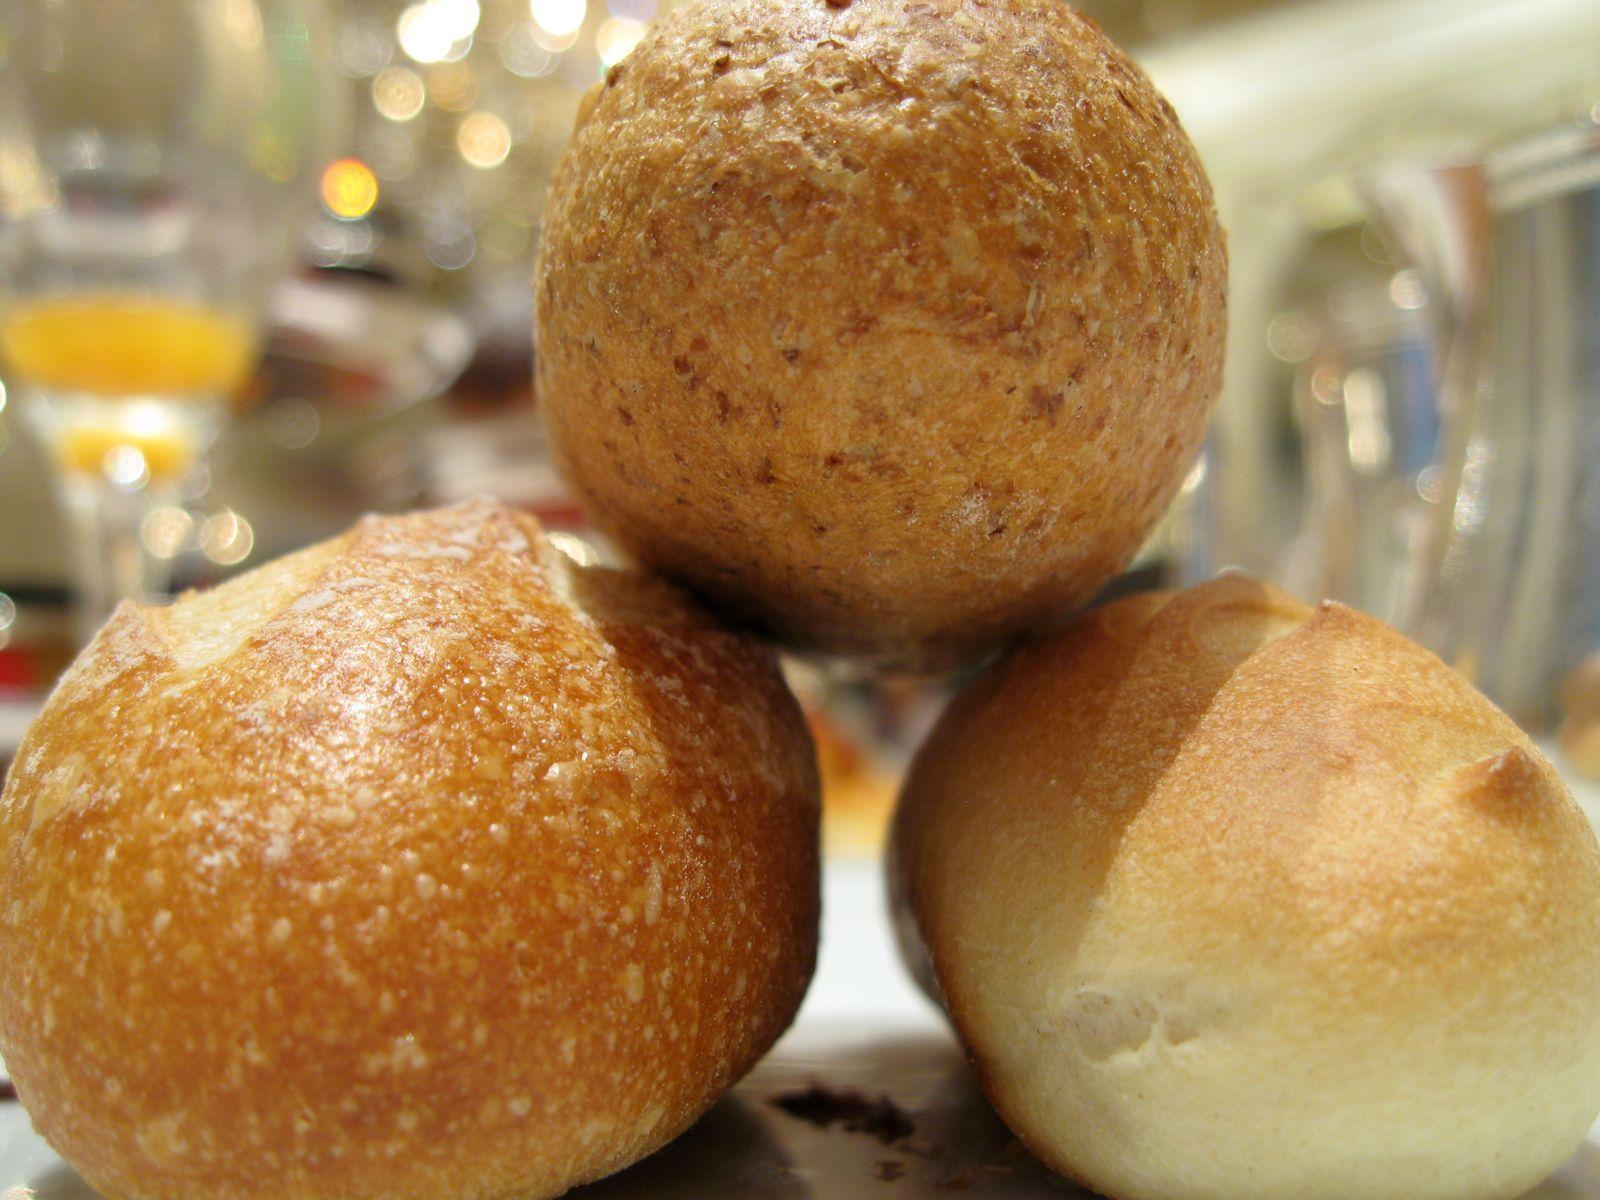 Petits pains - viennois, campagne, et complet